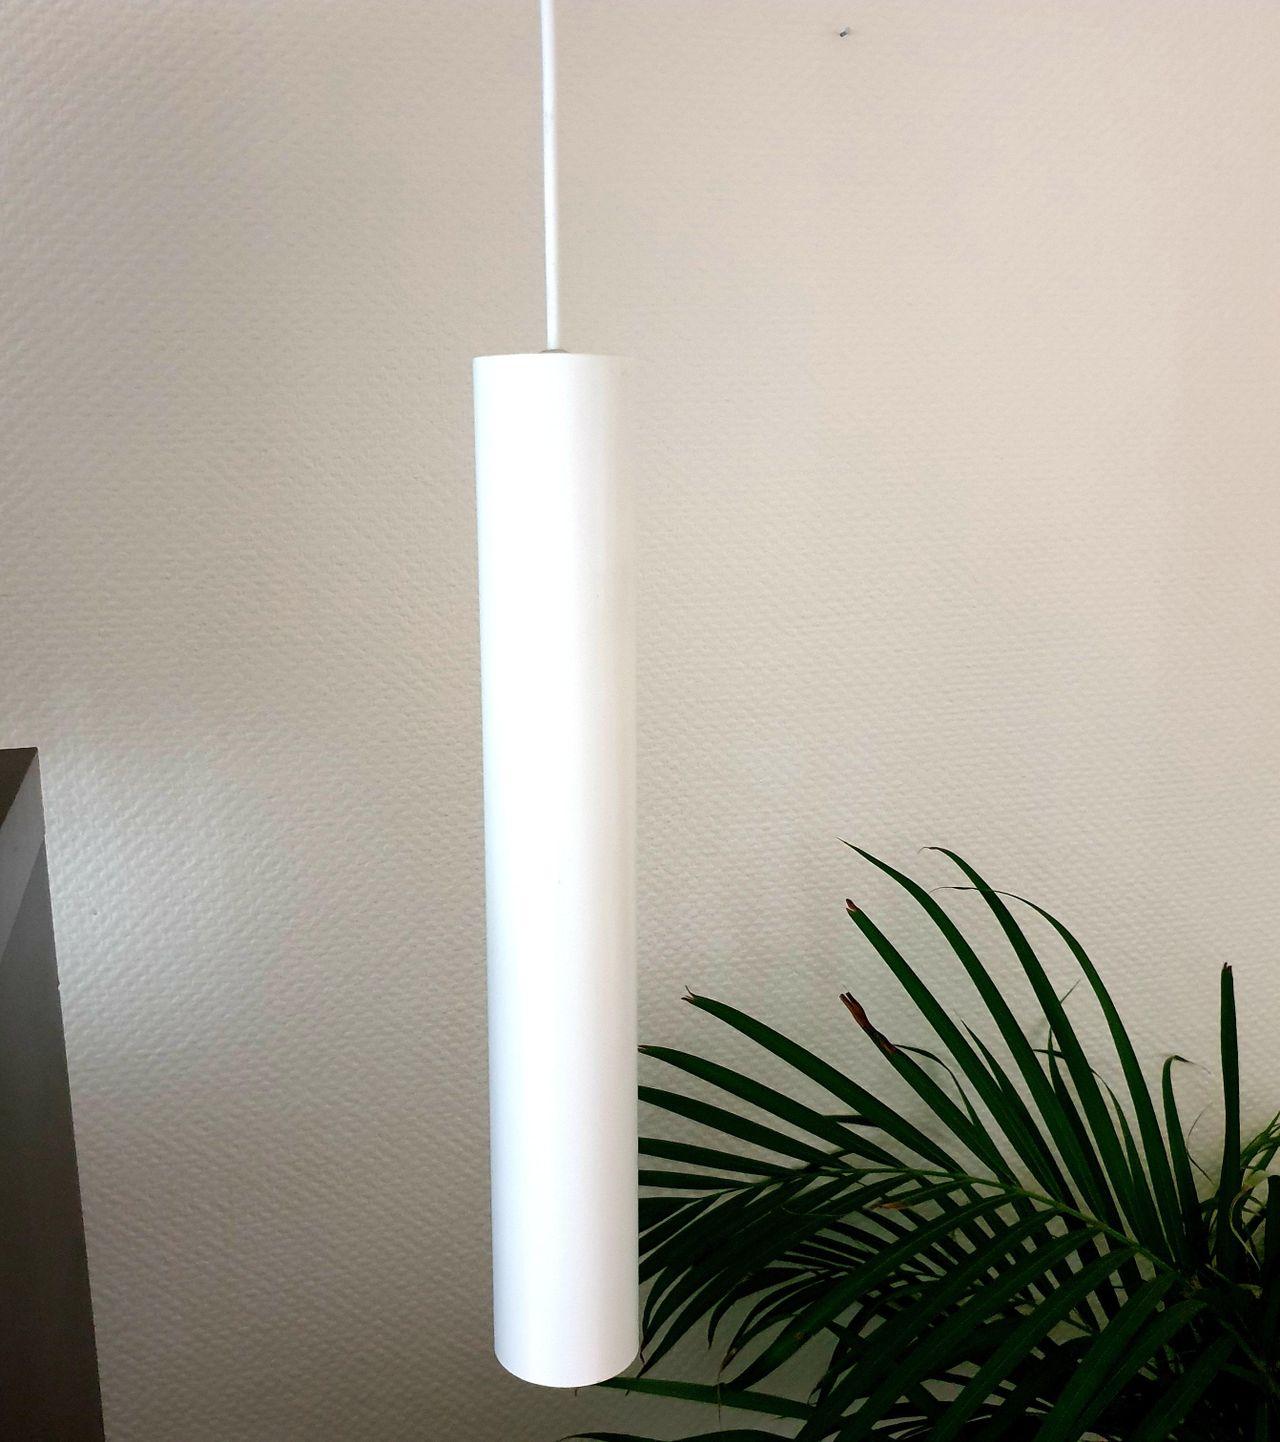 4 stk XAL Tula Micro pendellampe i hvitt, høyde 30cm, Ø=4